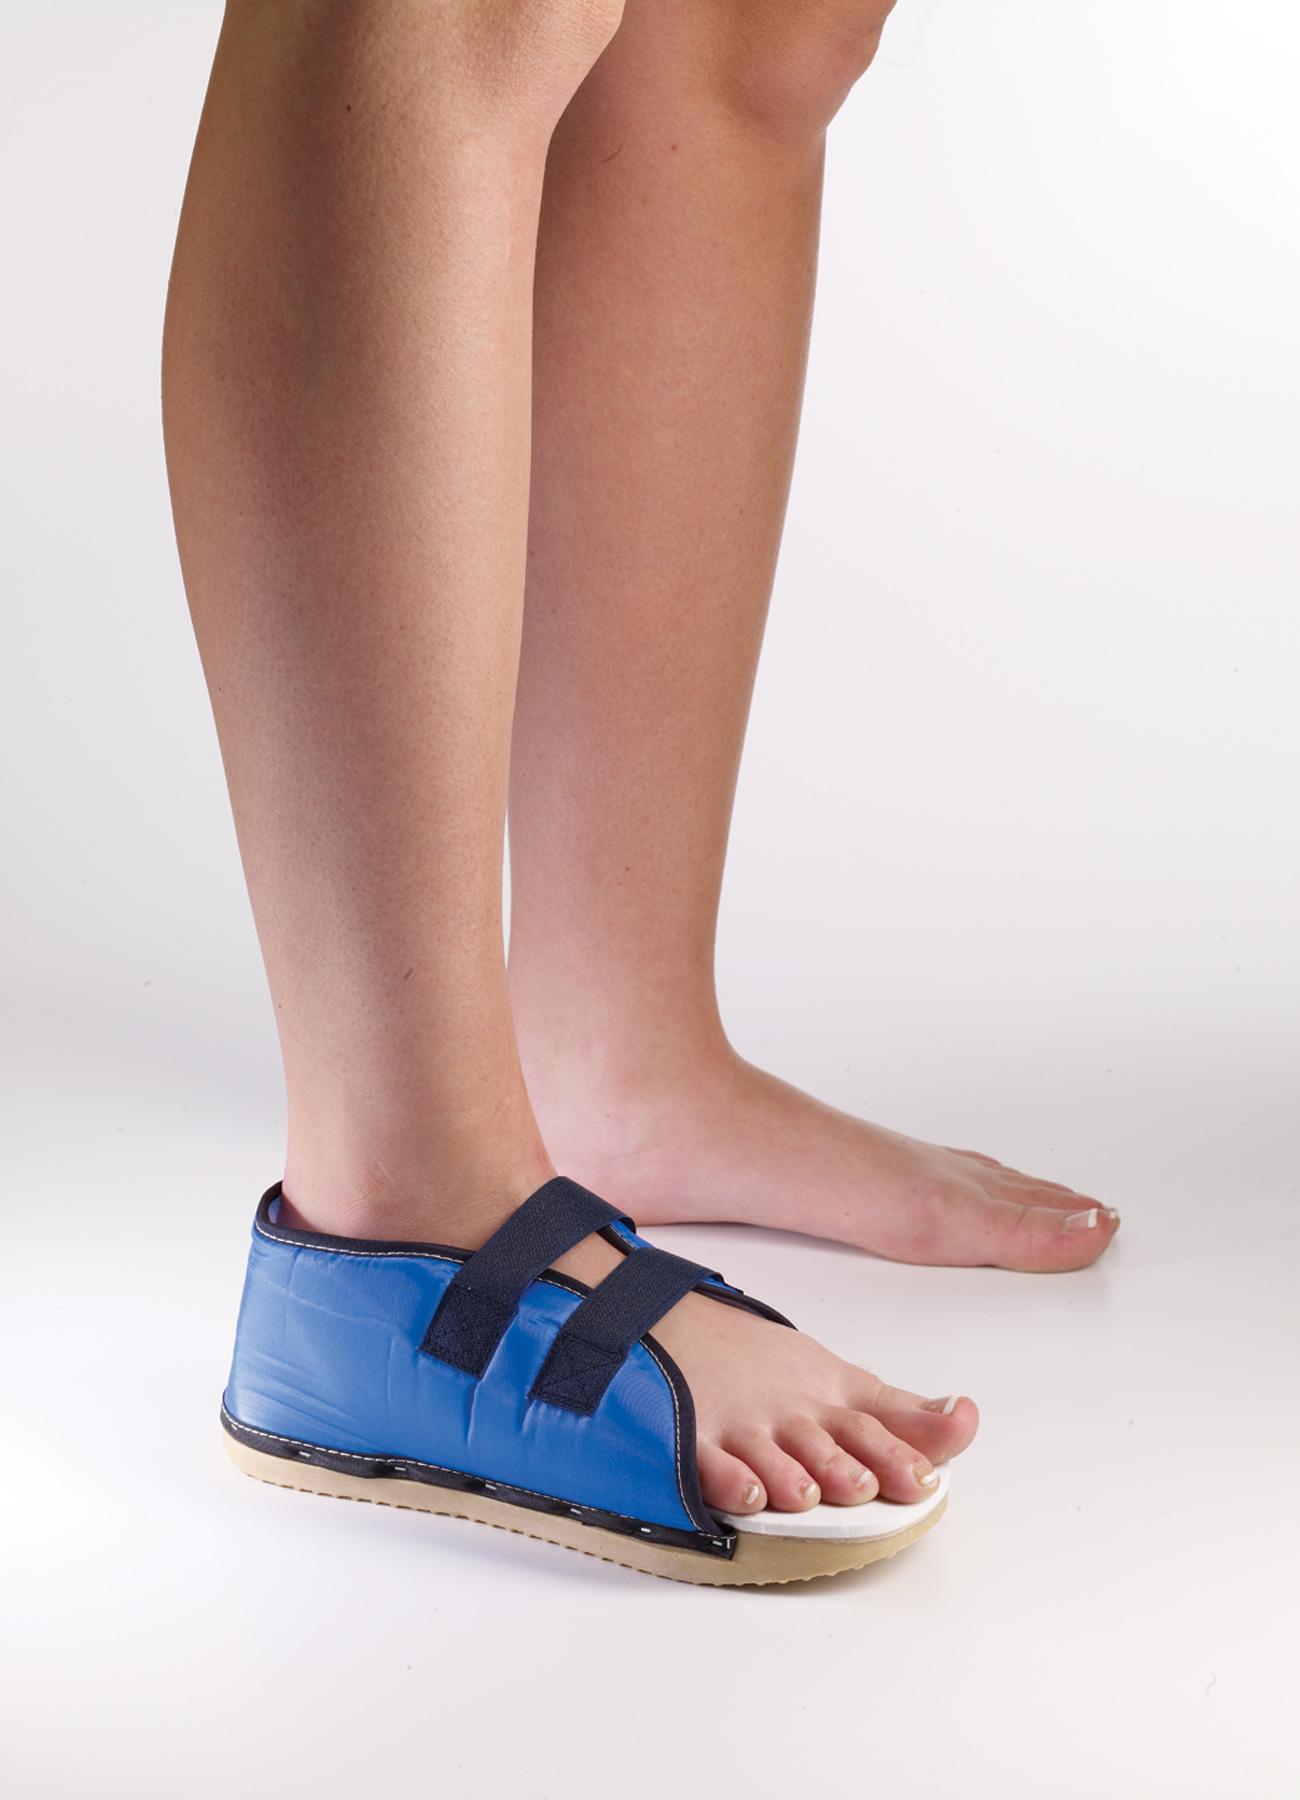 Corflex Inc Rigid Post Op Shoe